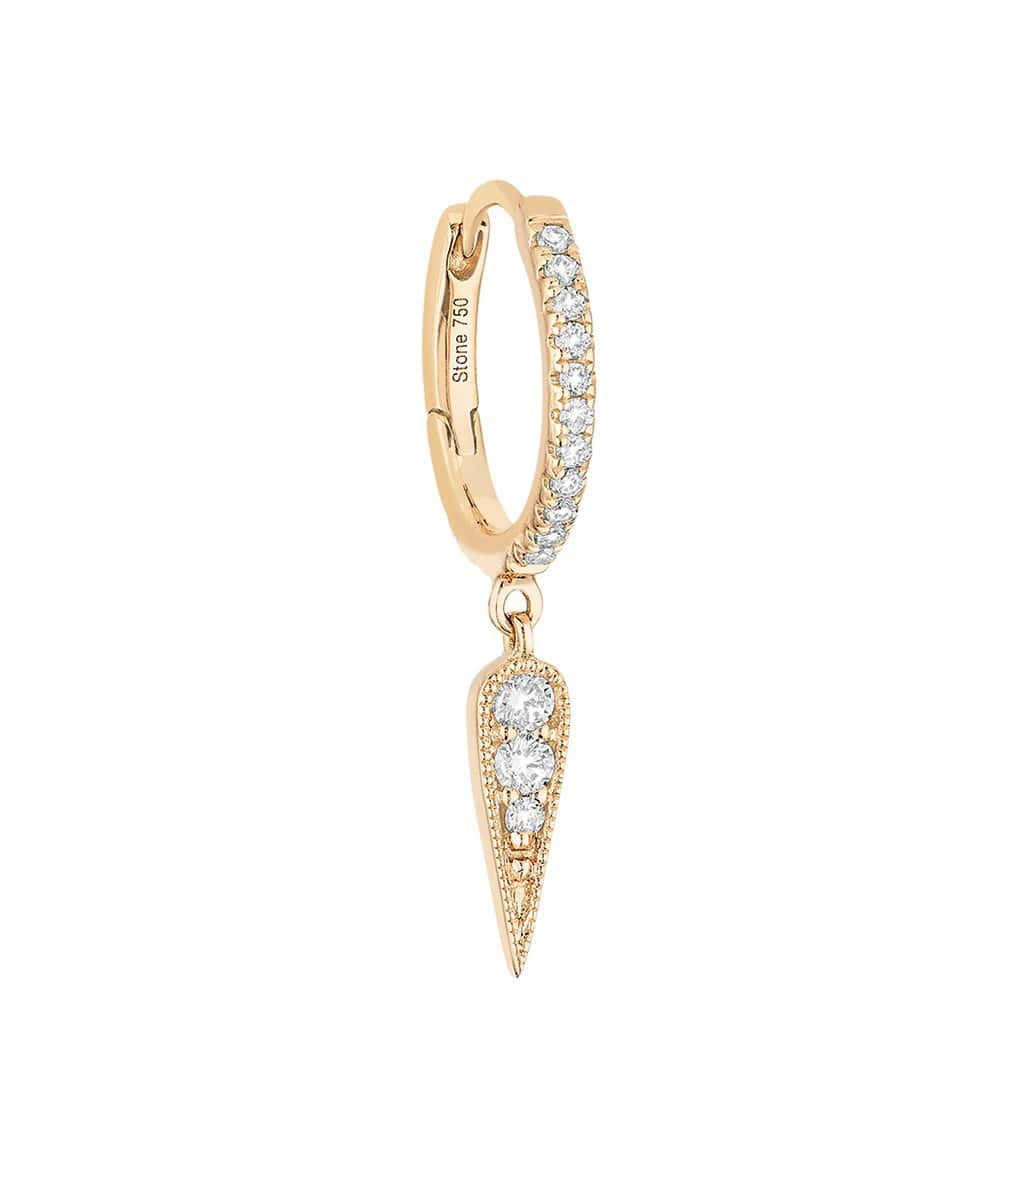 STONE PARIS - Mini Créole Fleurs du Mal Or Diamants (vendue à l'unité)